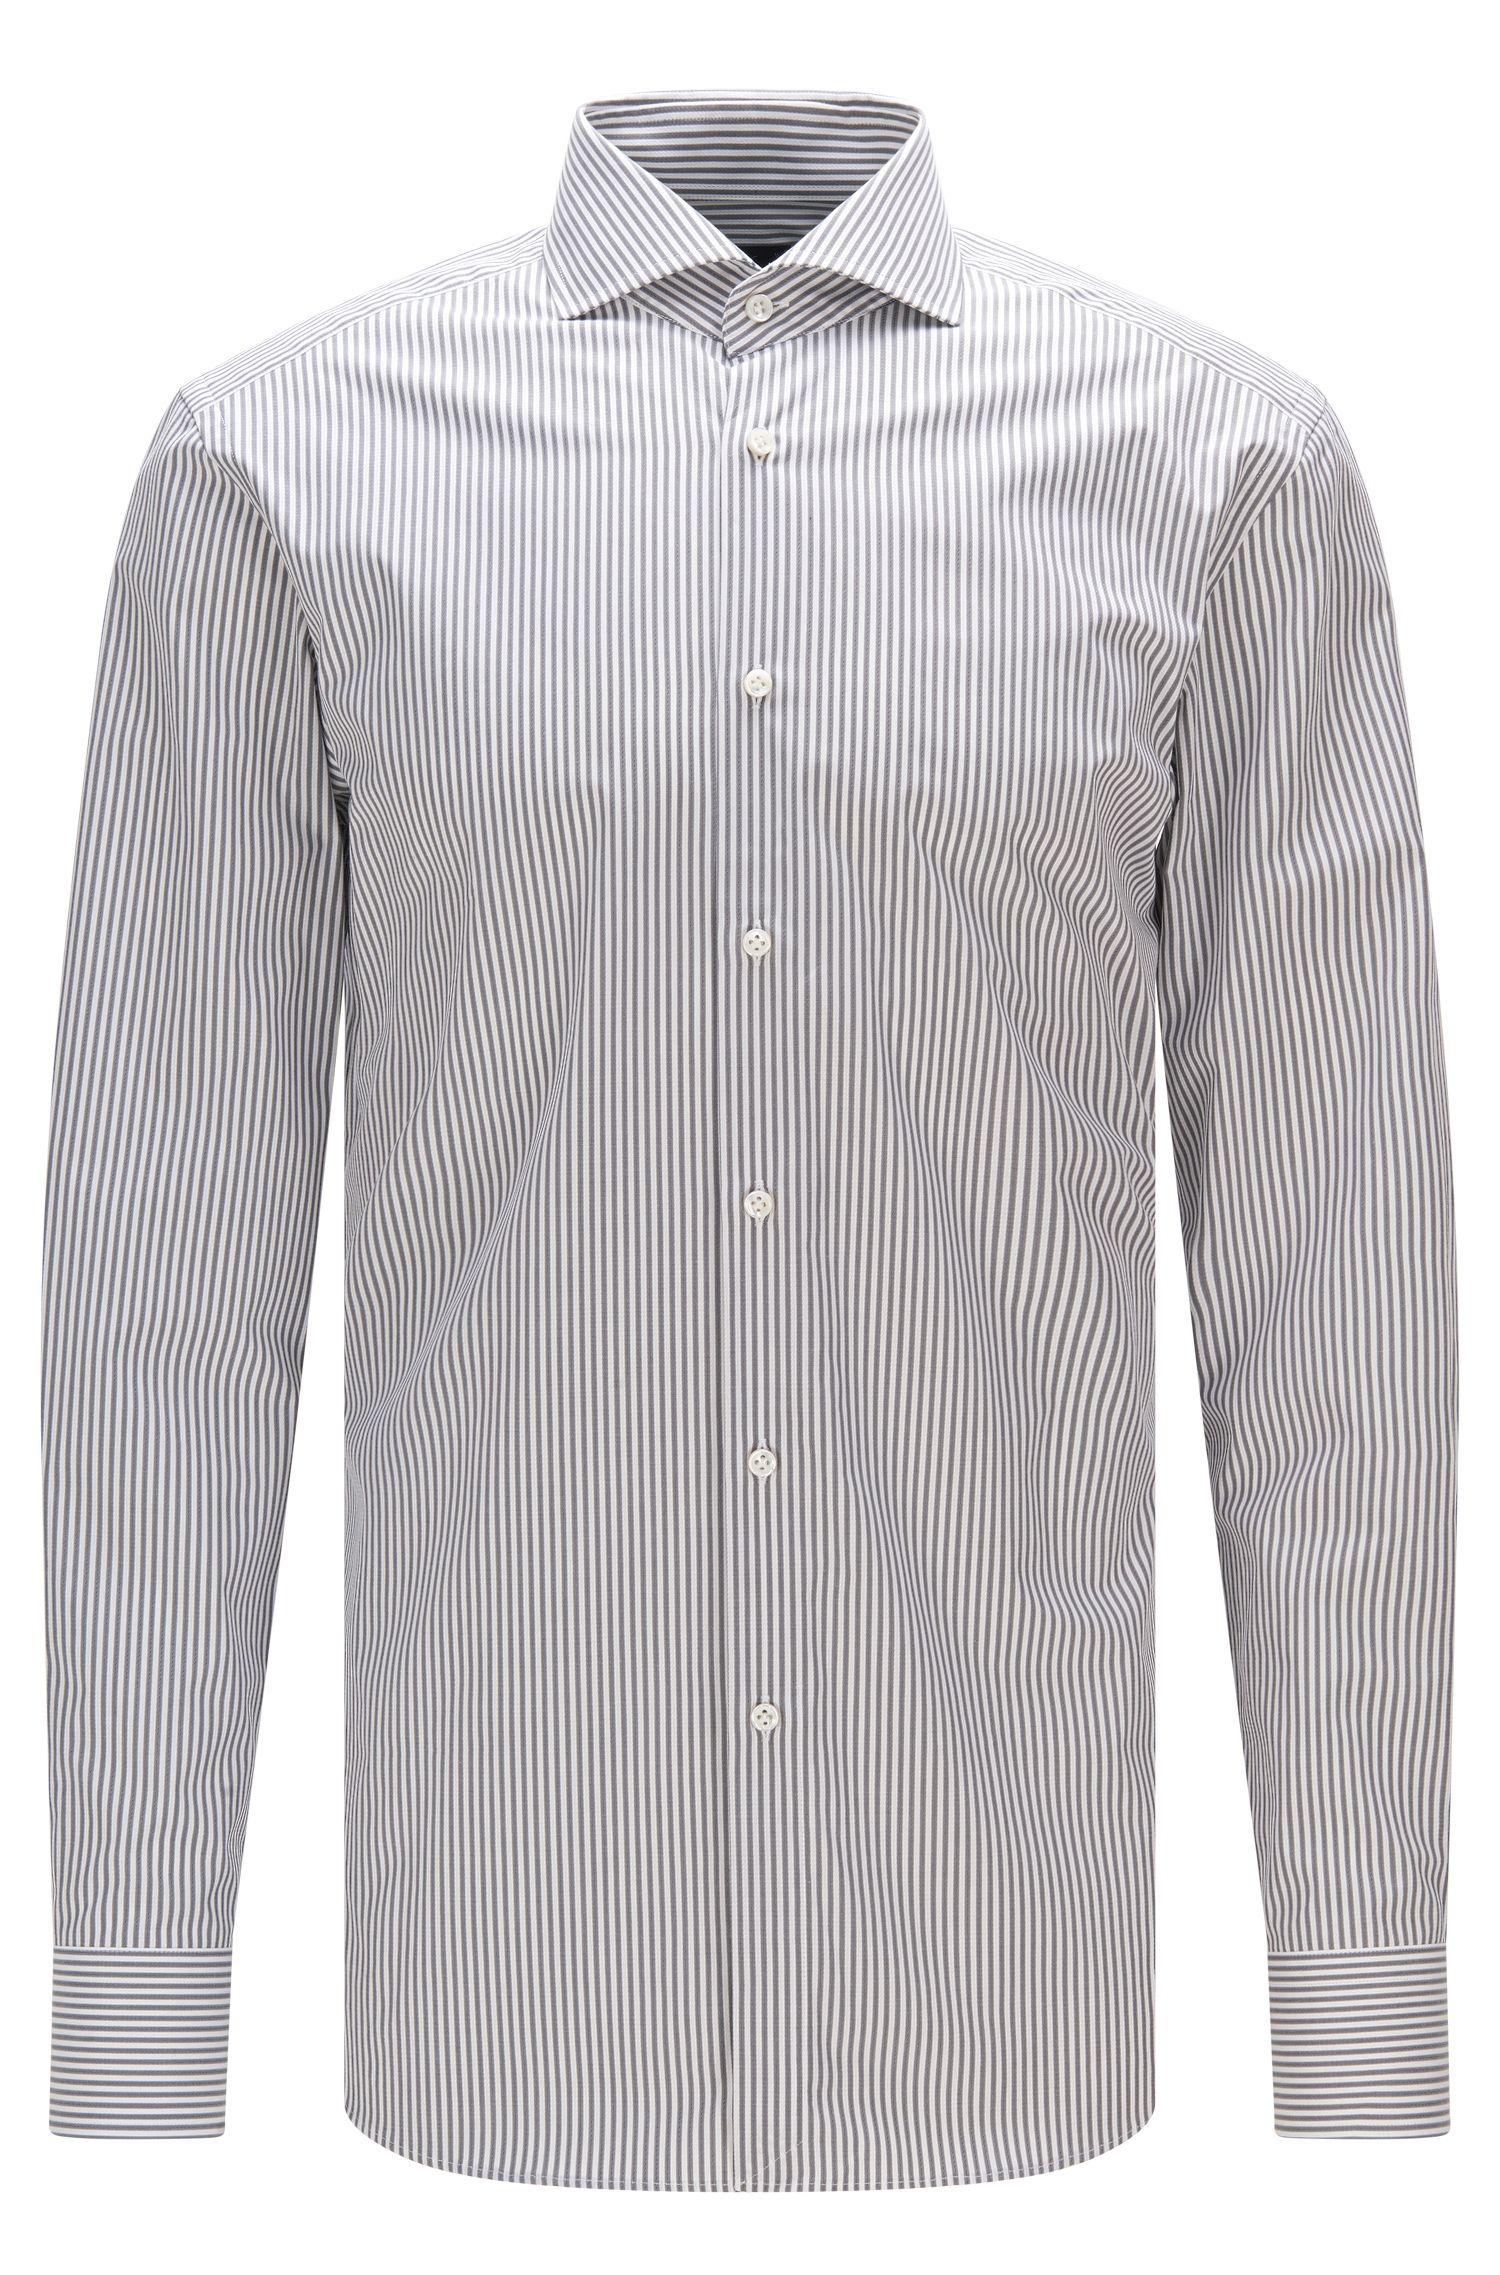 Camisa slim fit de sarga de algodón con estampado de raya diplomática